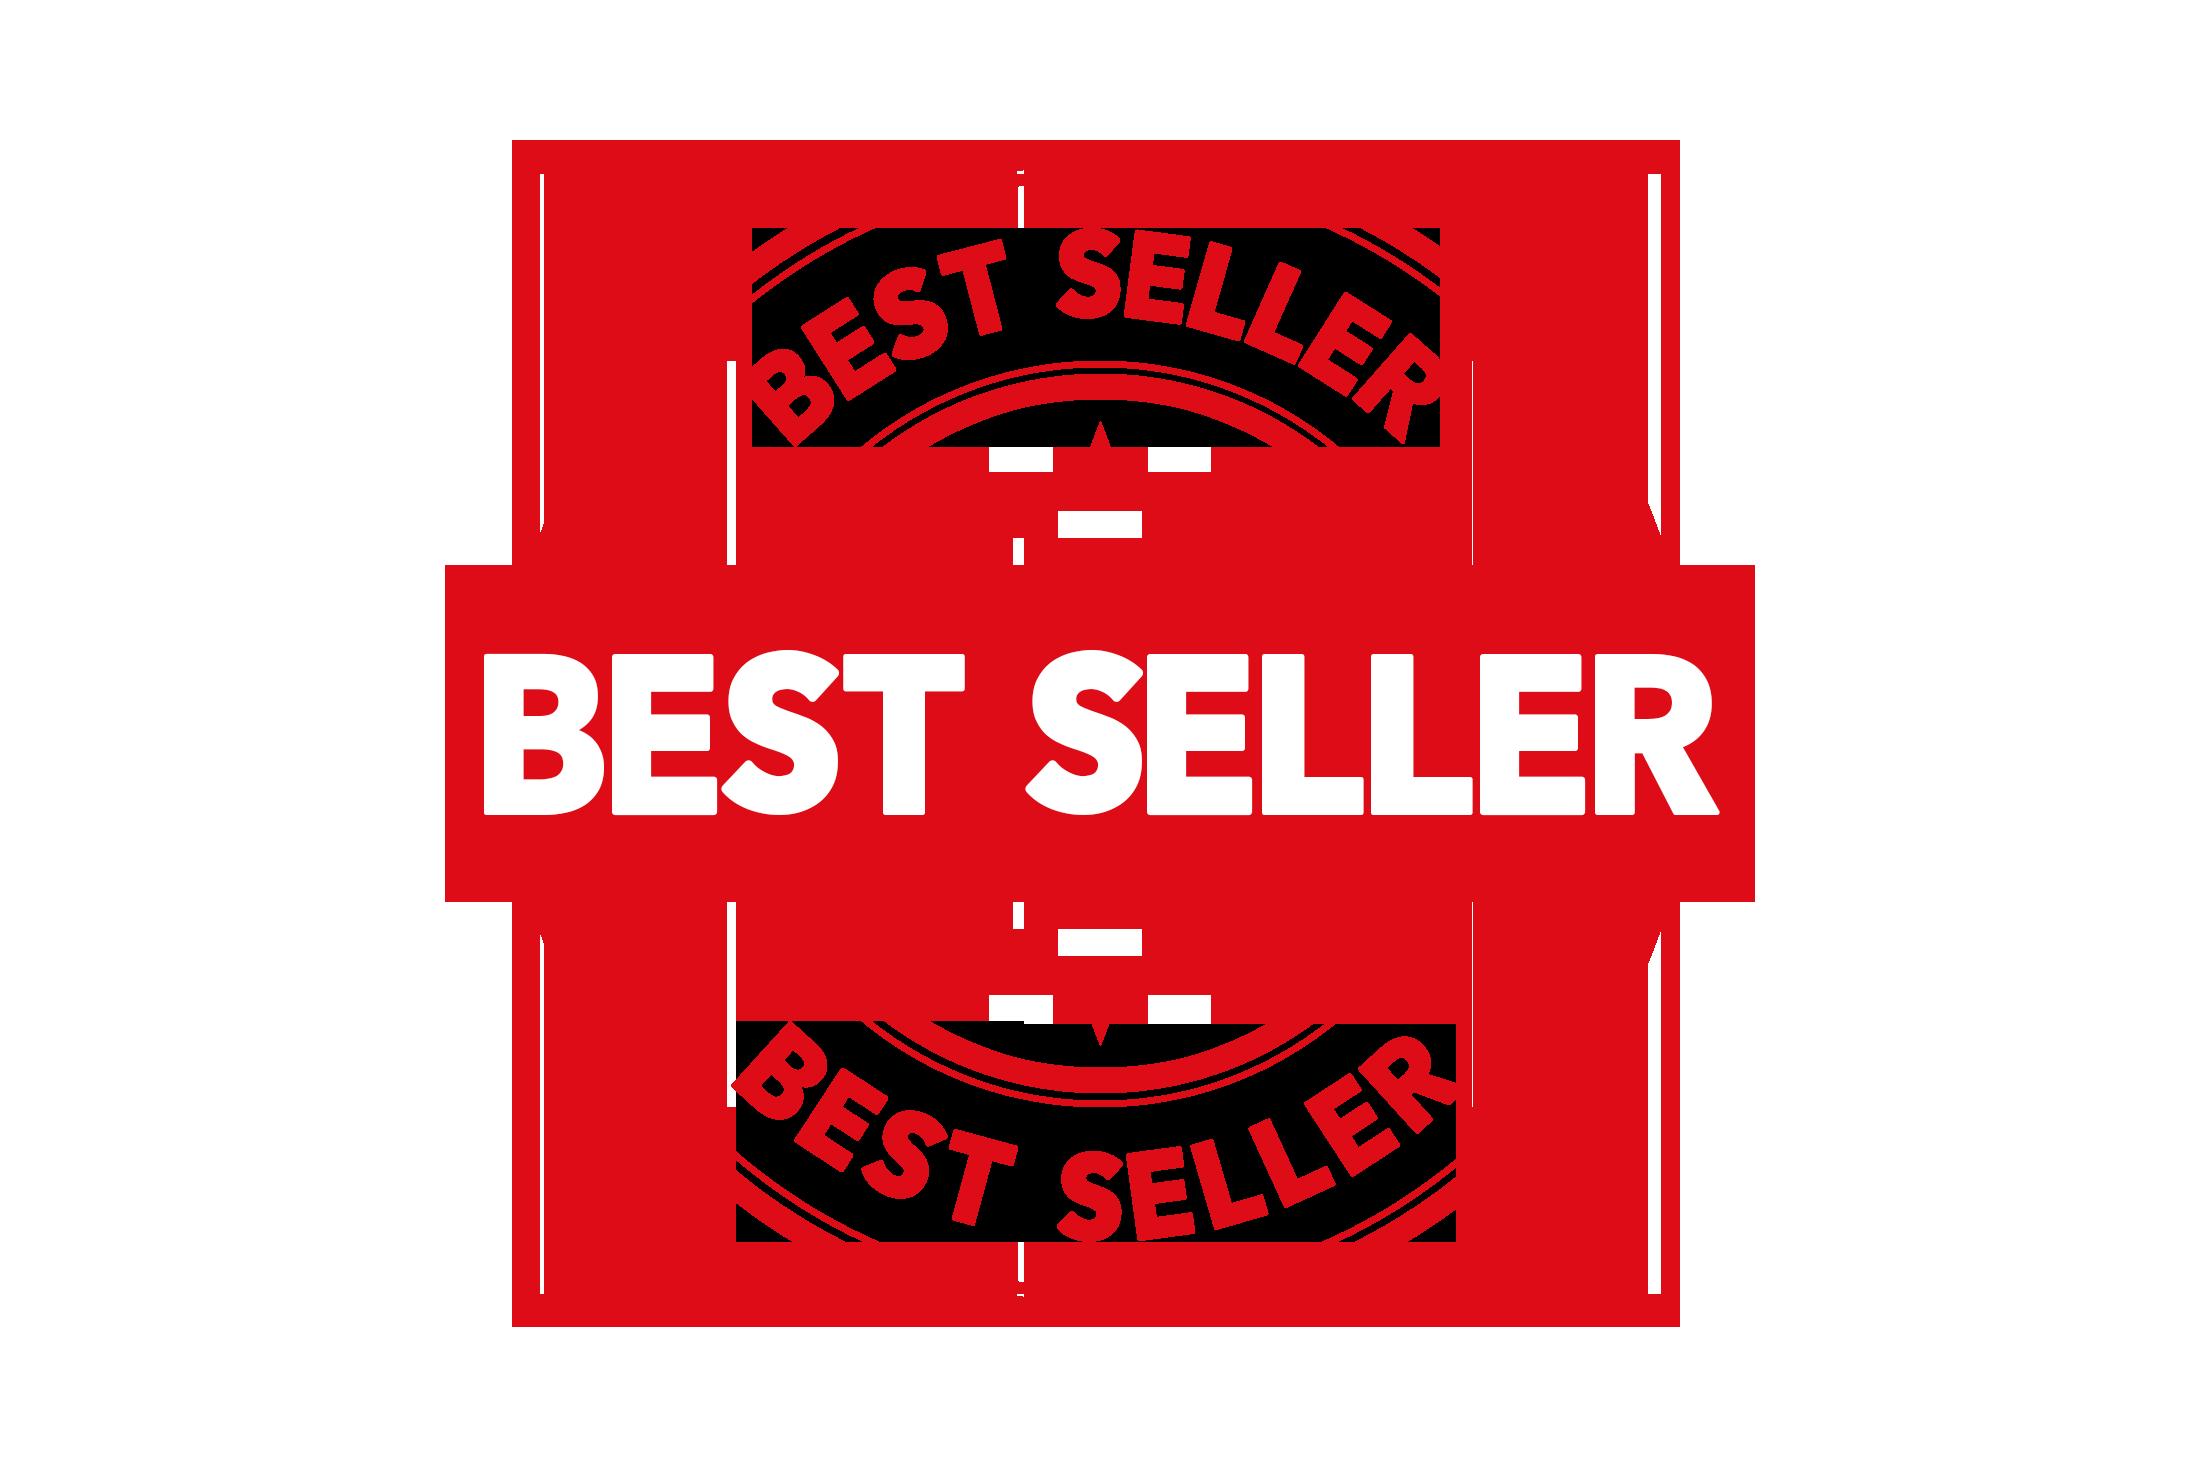 Round best seller stamp PSD